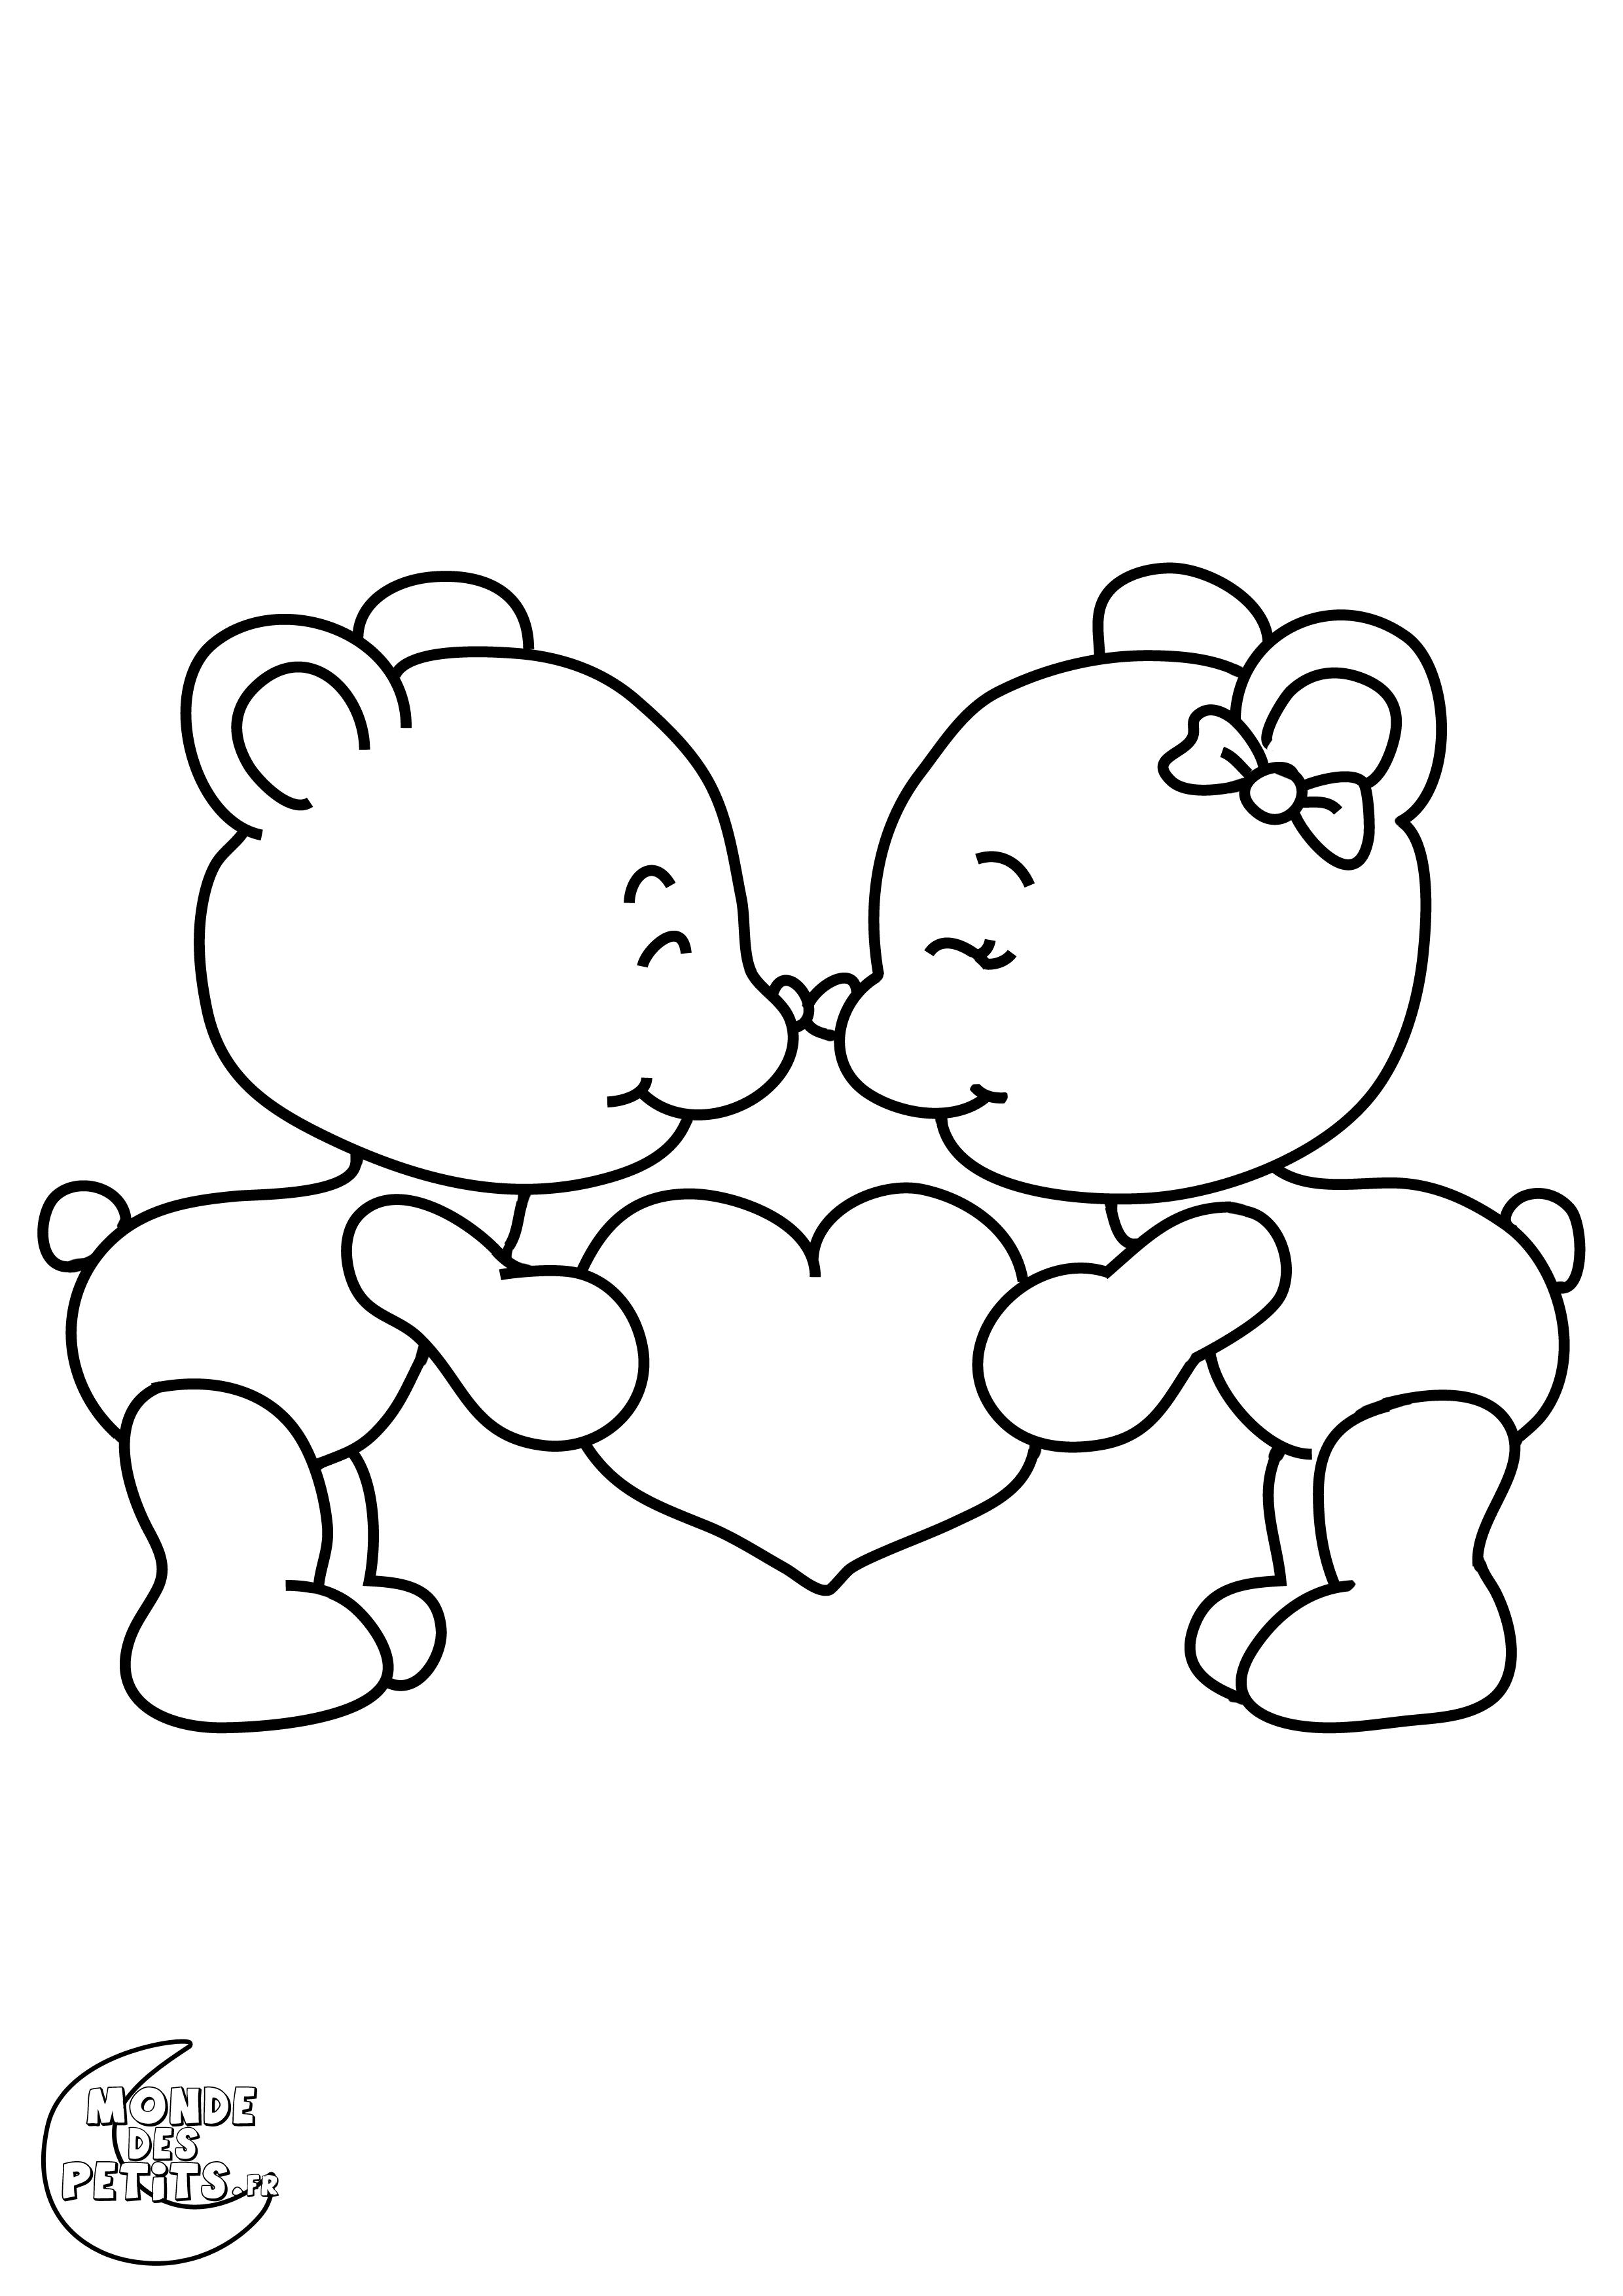 Nouveau Image A Imprimer Pour La Saint Valentin